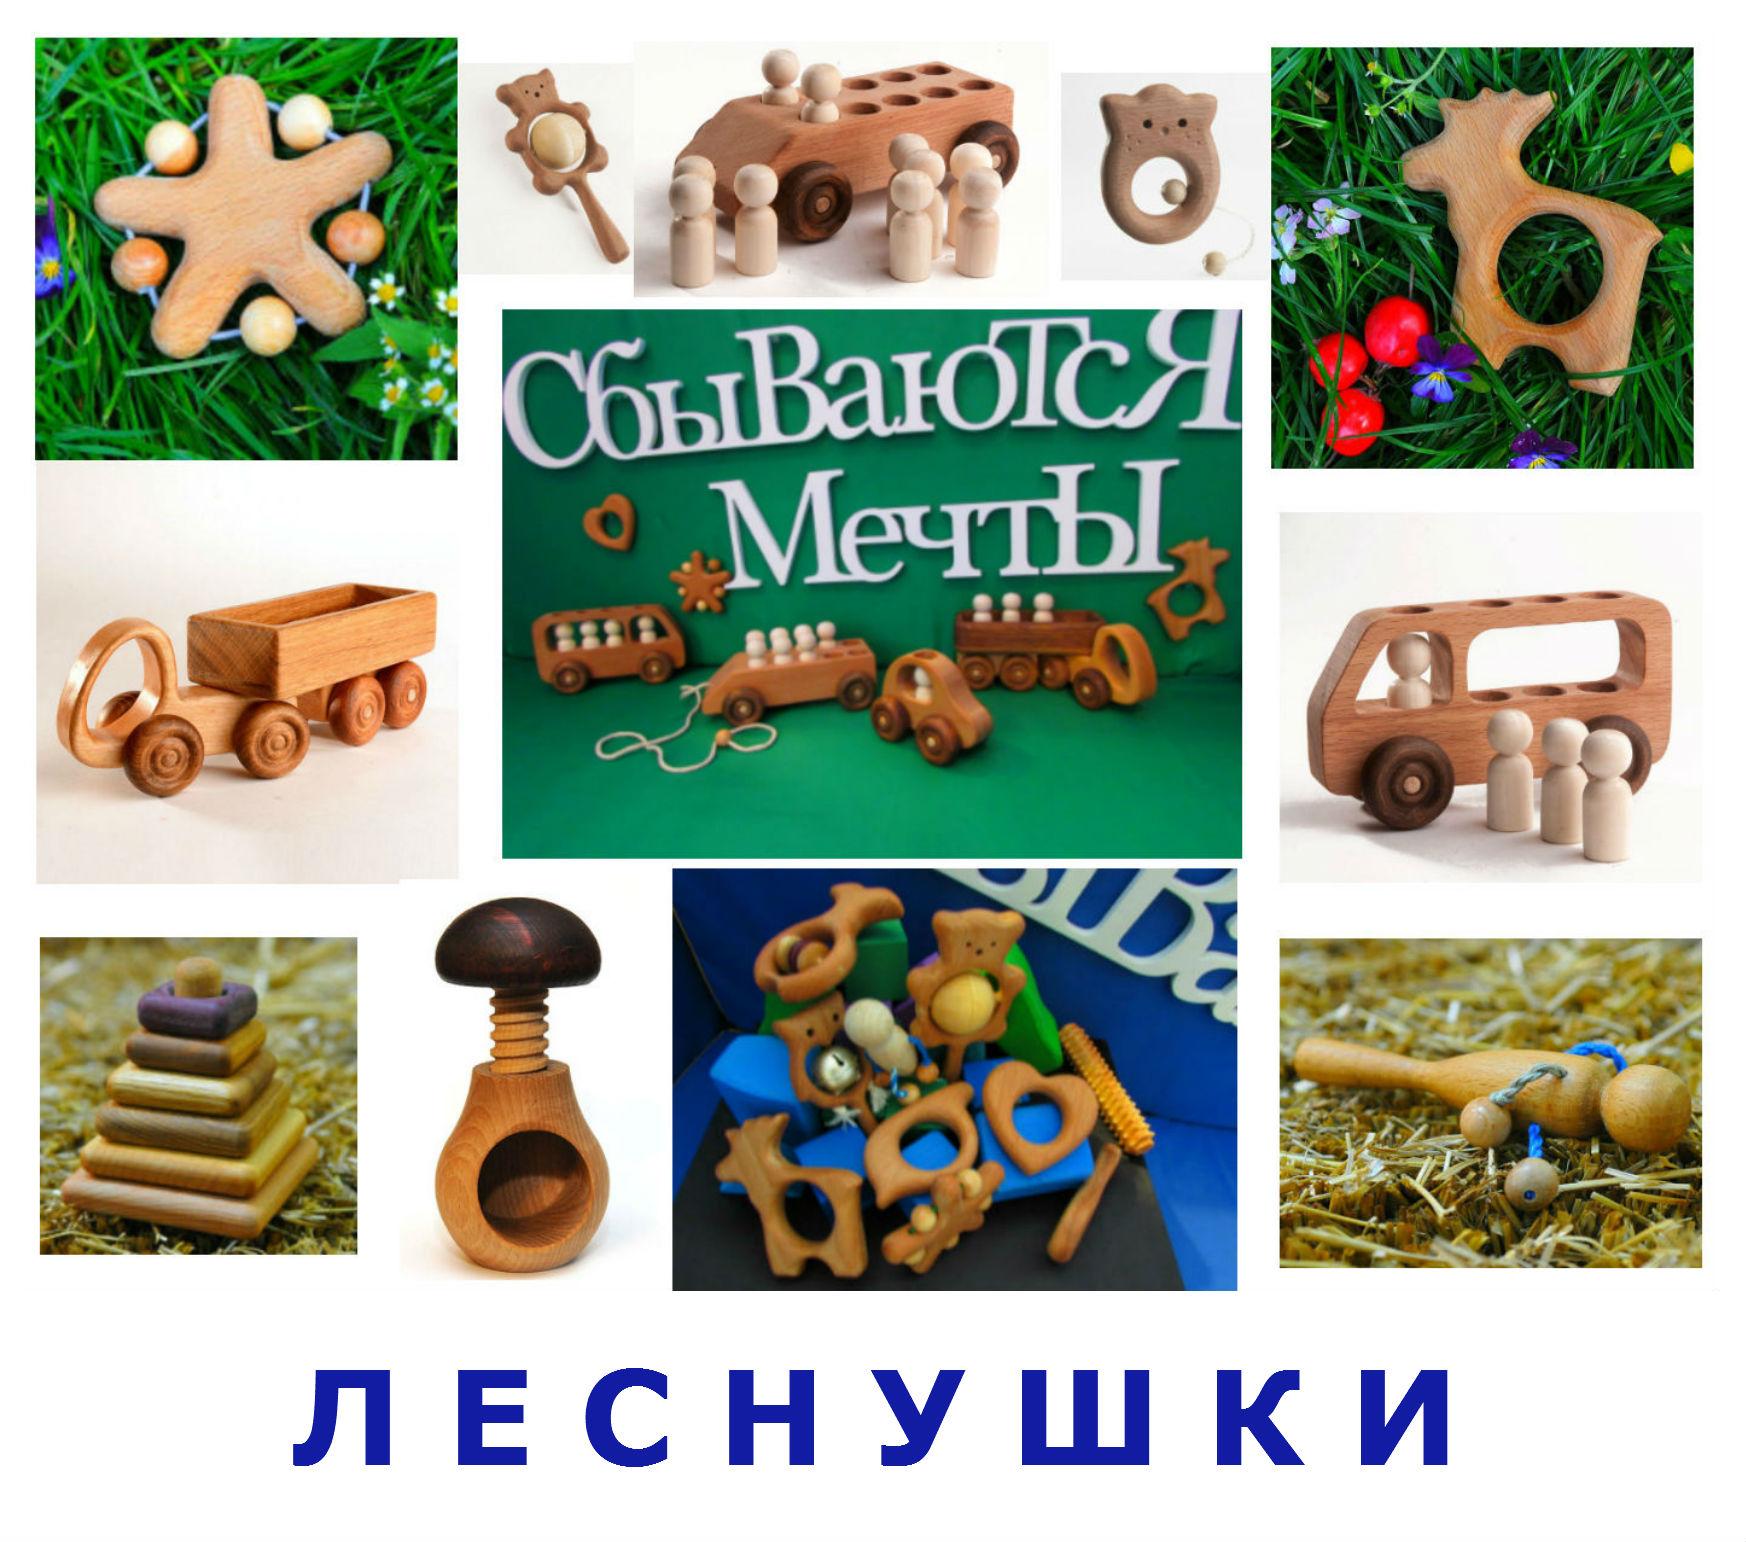 Сбор заказов. Эксклюзивные игрушки из разных сортов деревьев леснушки. Для малышей и деток постарше. Развивающие